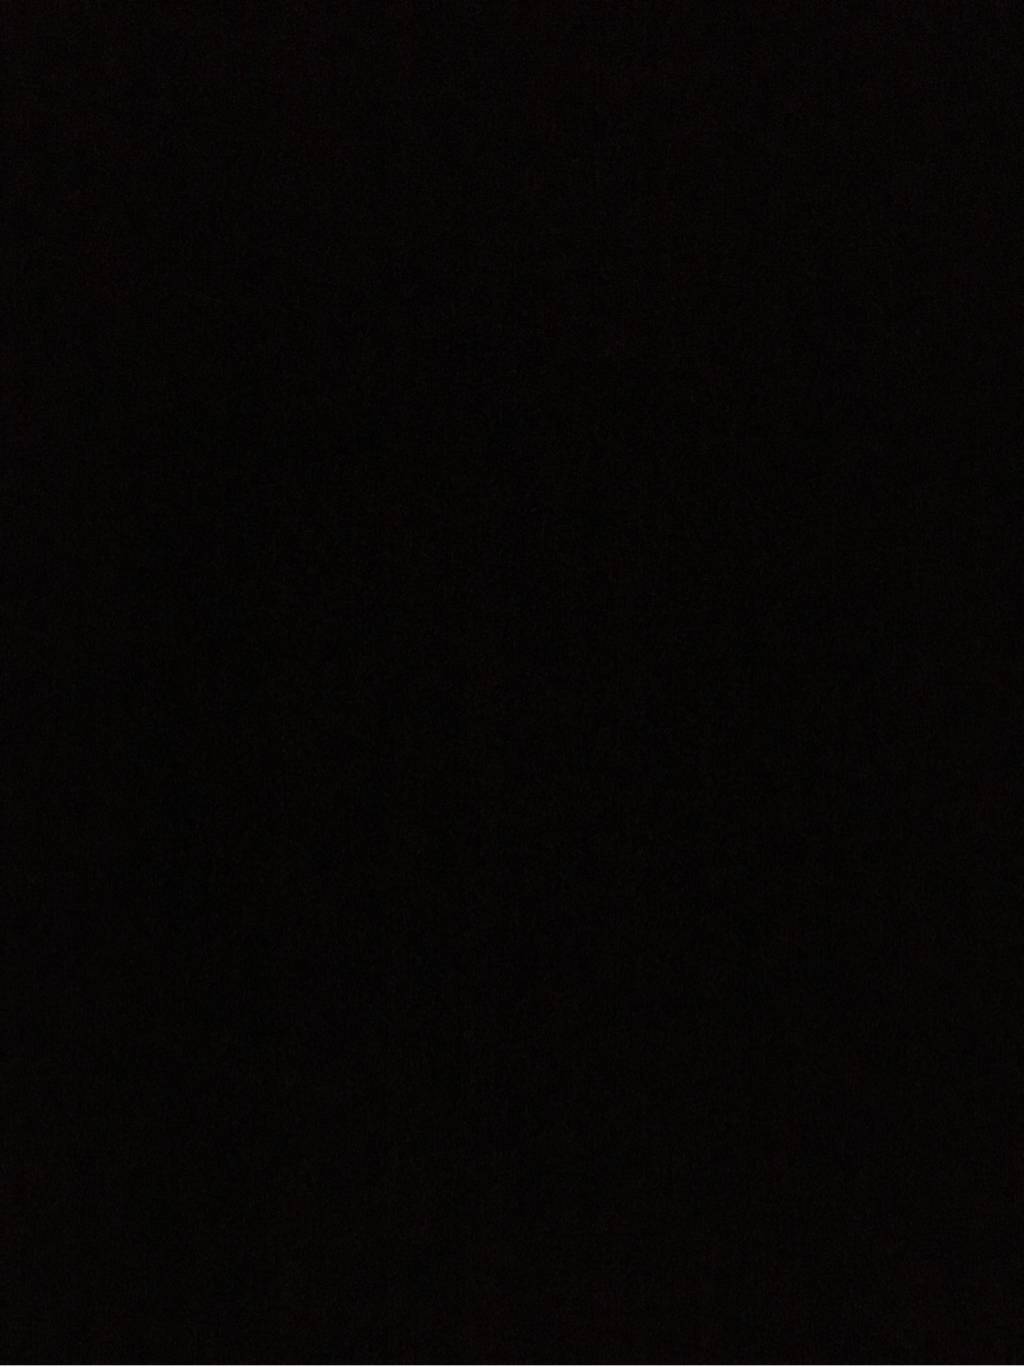 emilylicht